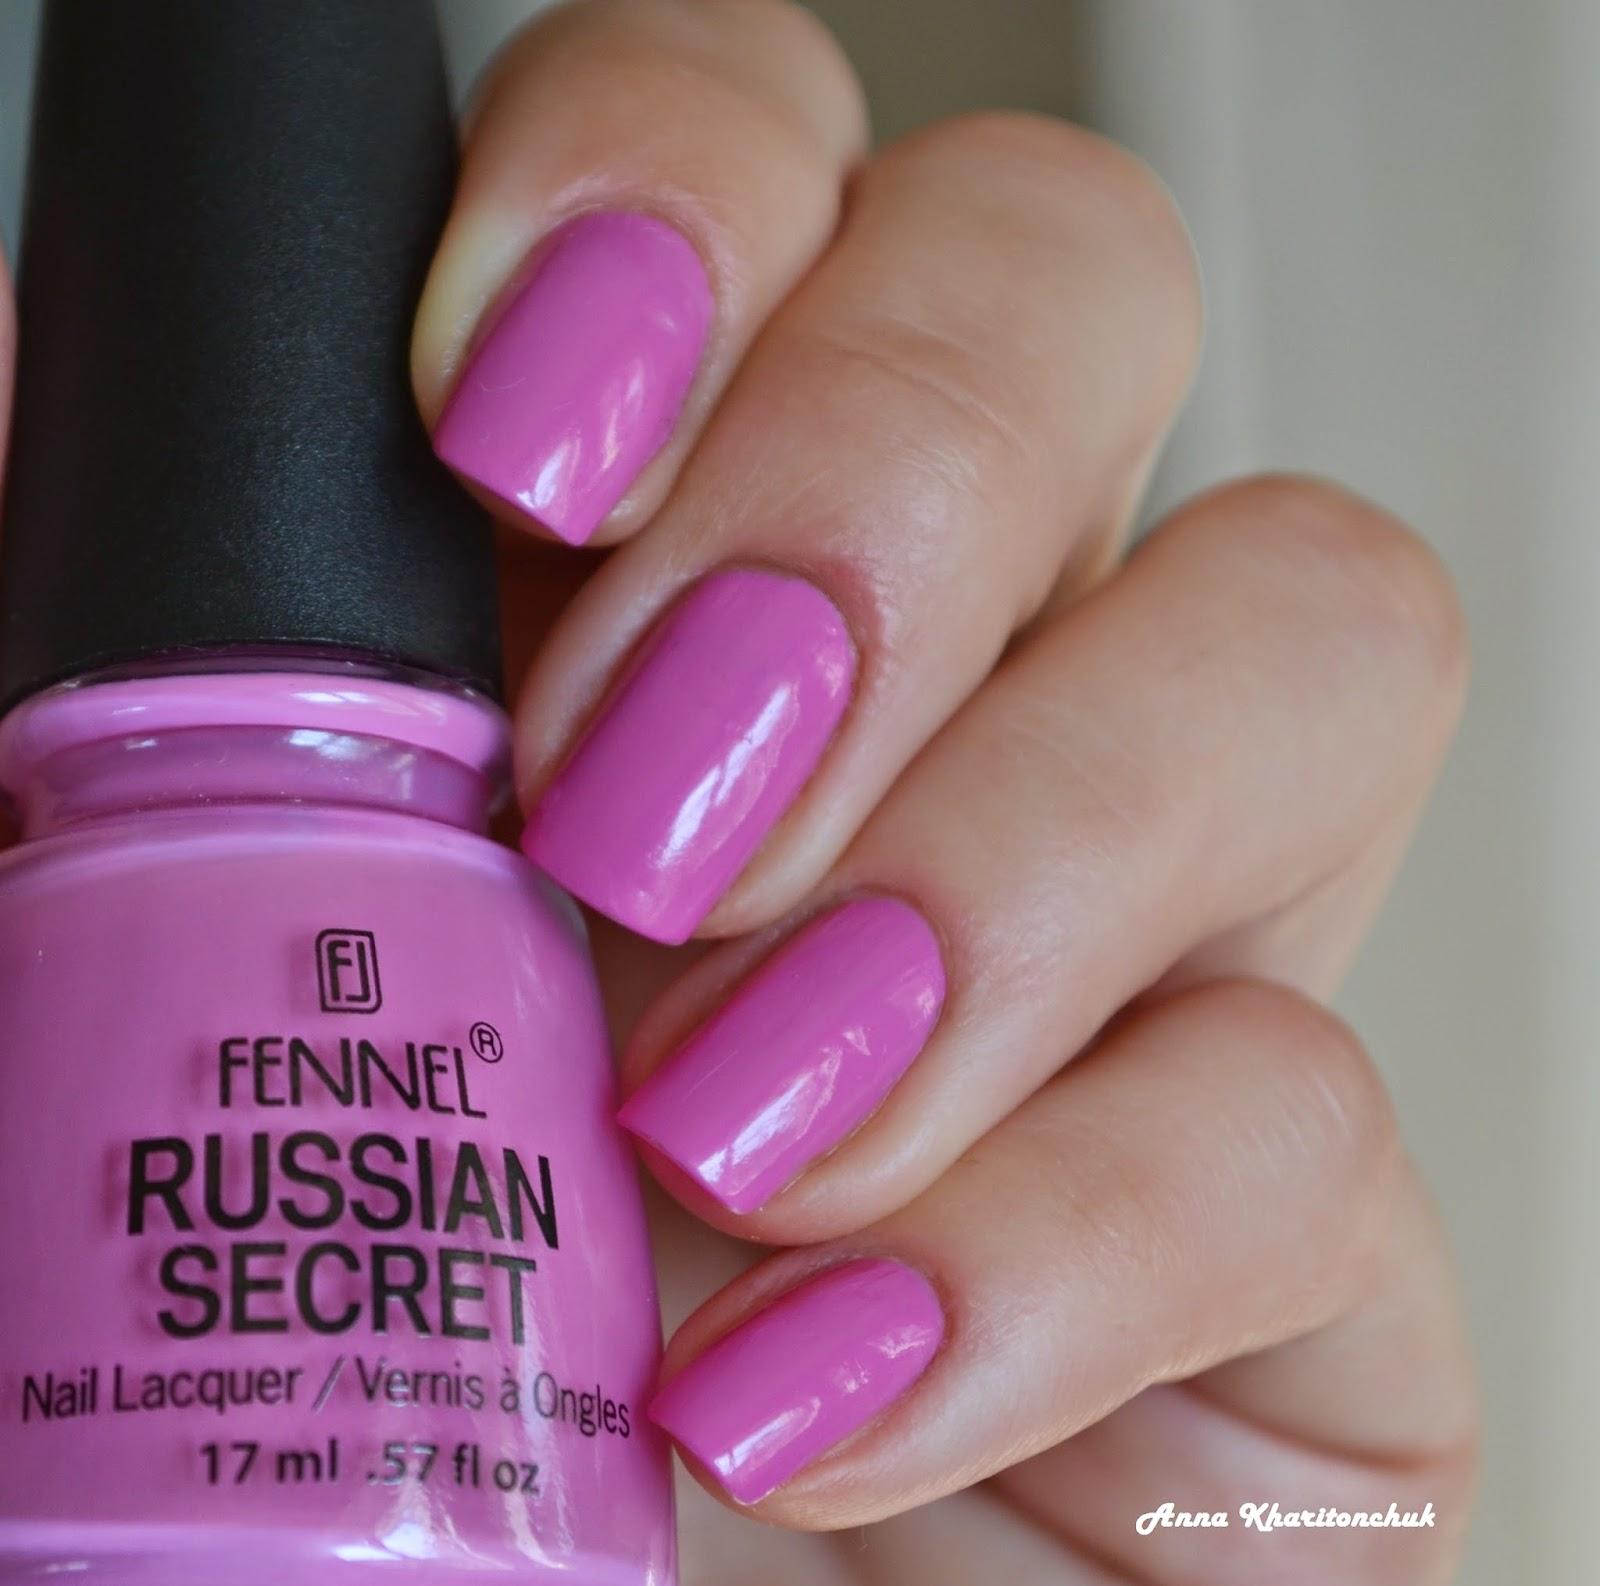 Fennel Russian Secret # 23